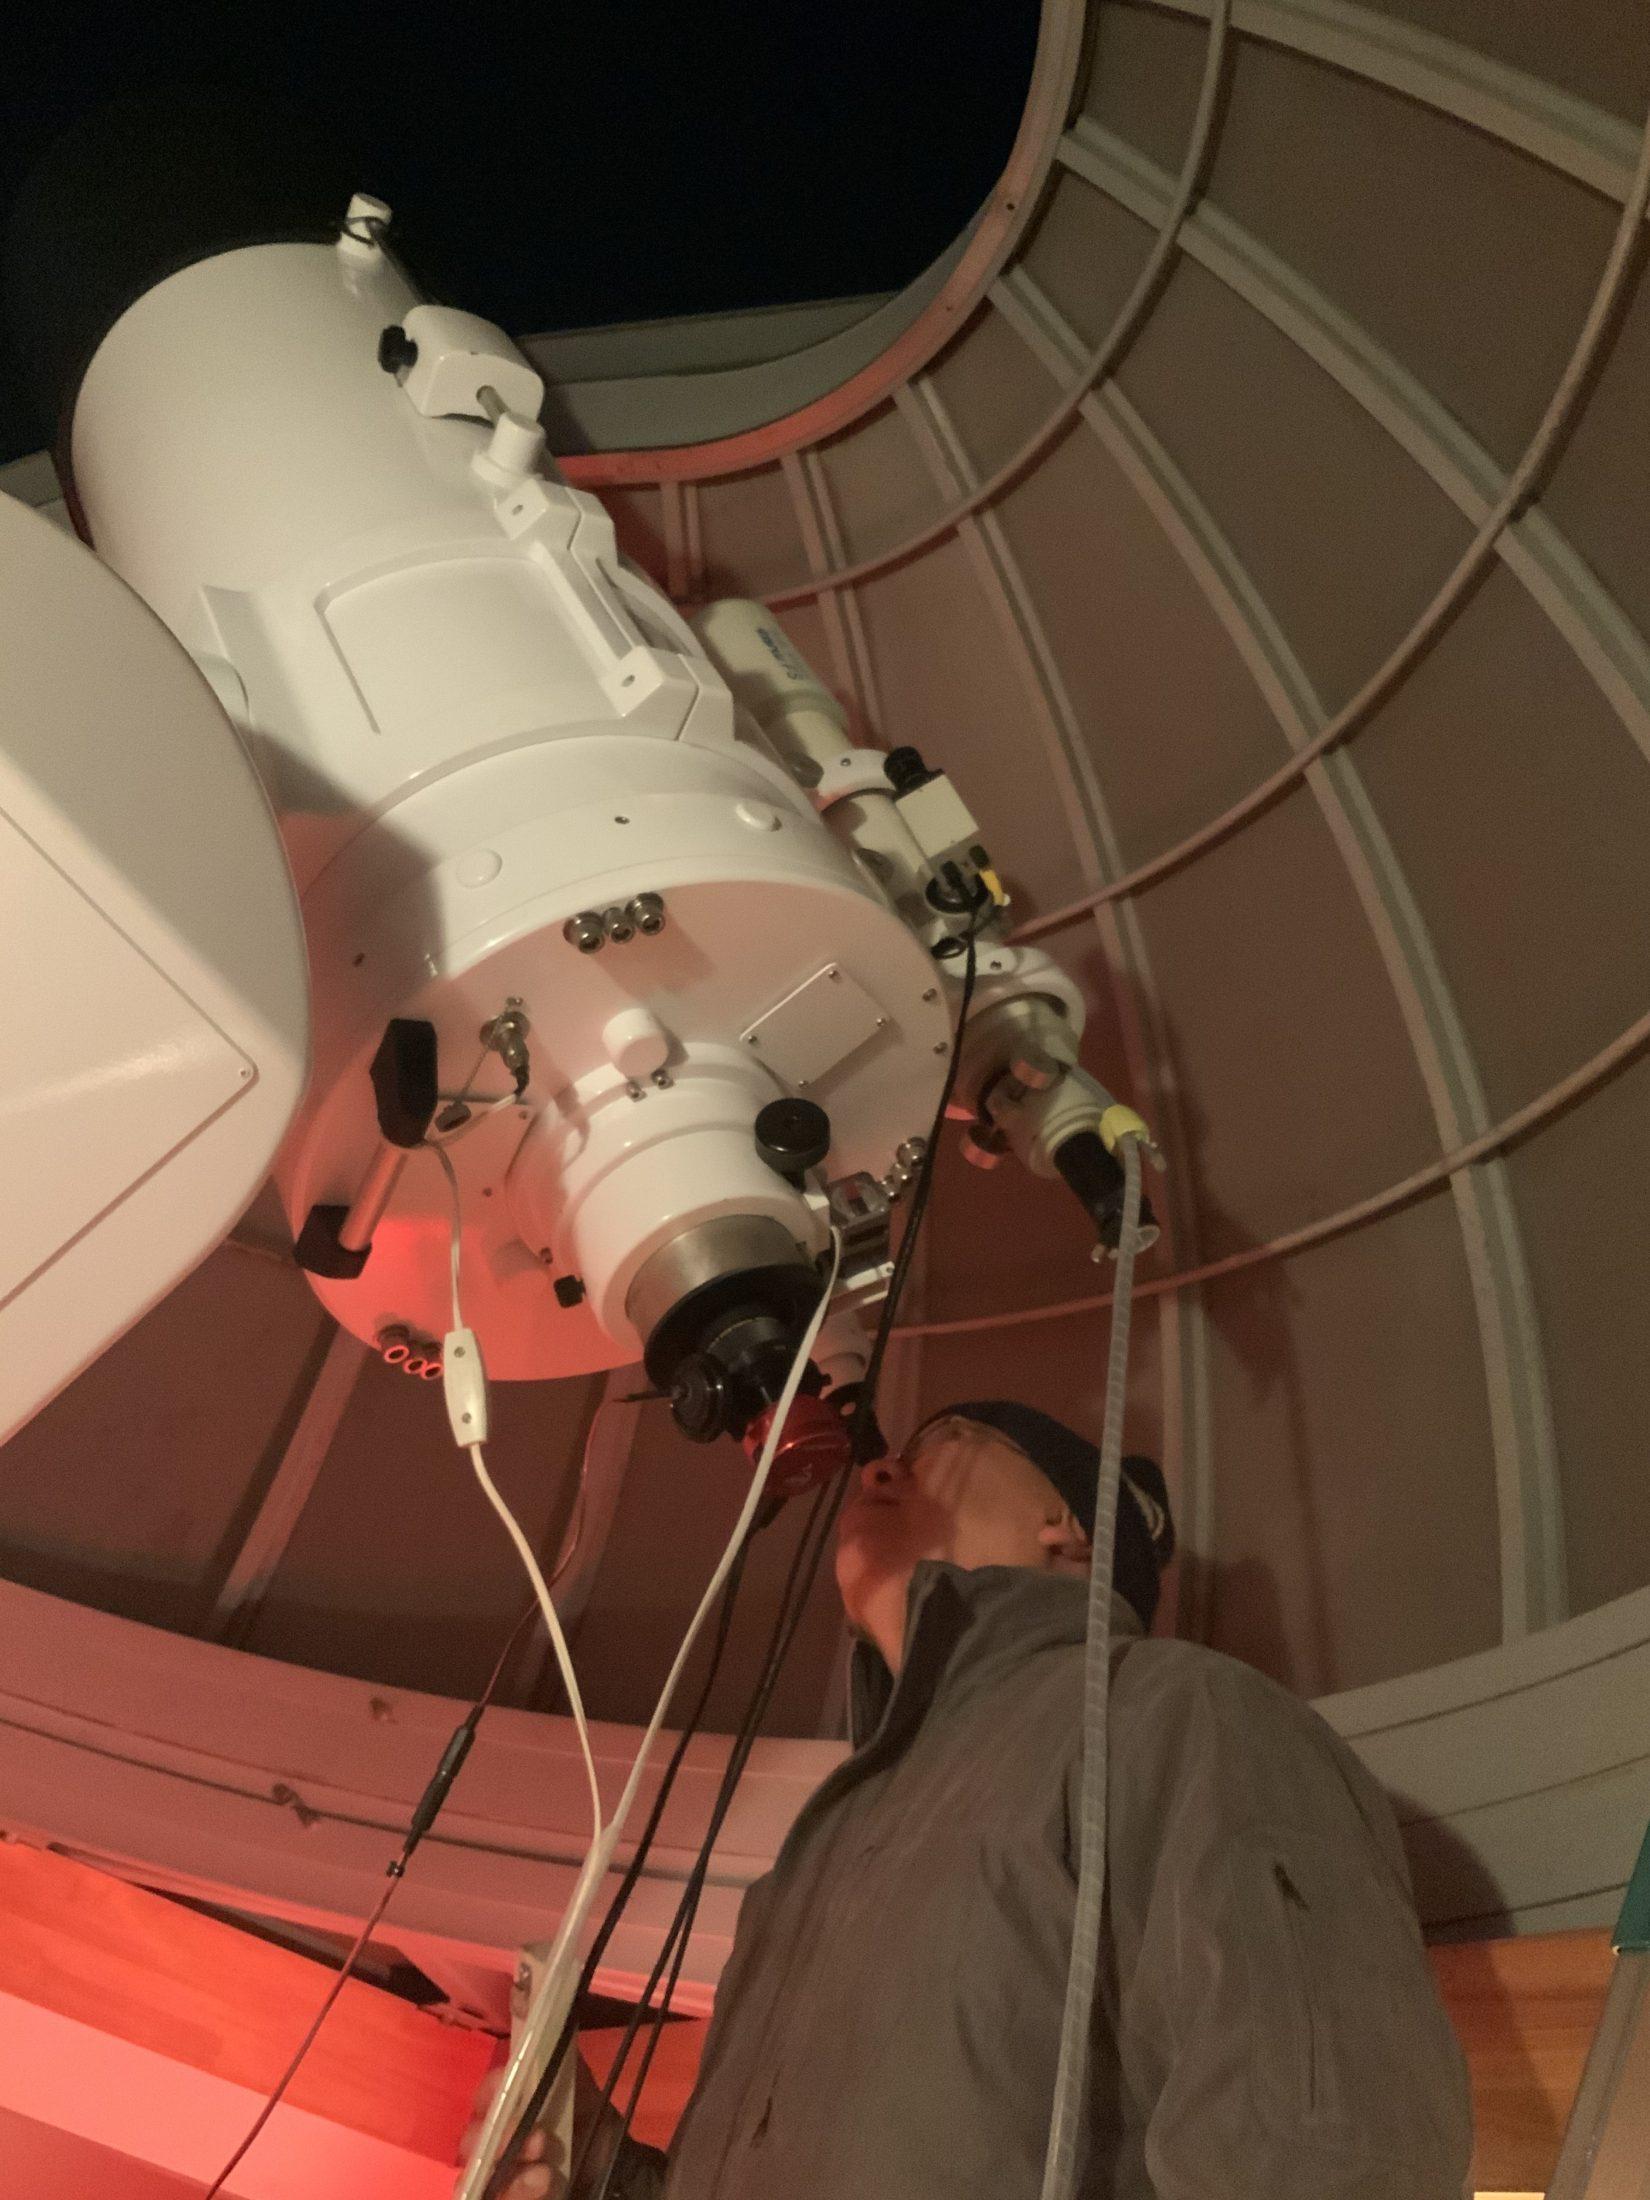 自宅屋上にある反射望遠鏡で観察中の北崎勝彦教諭(東洋英和女学院/社会科)。天文部の顧問としても指導している